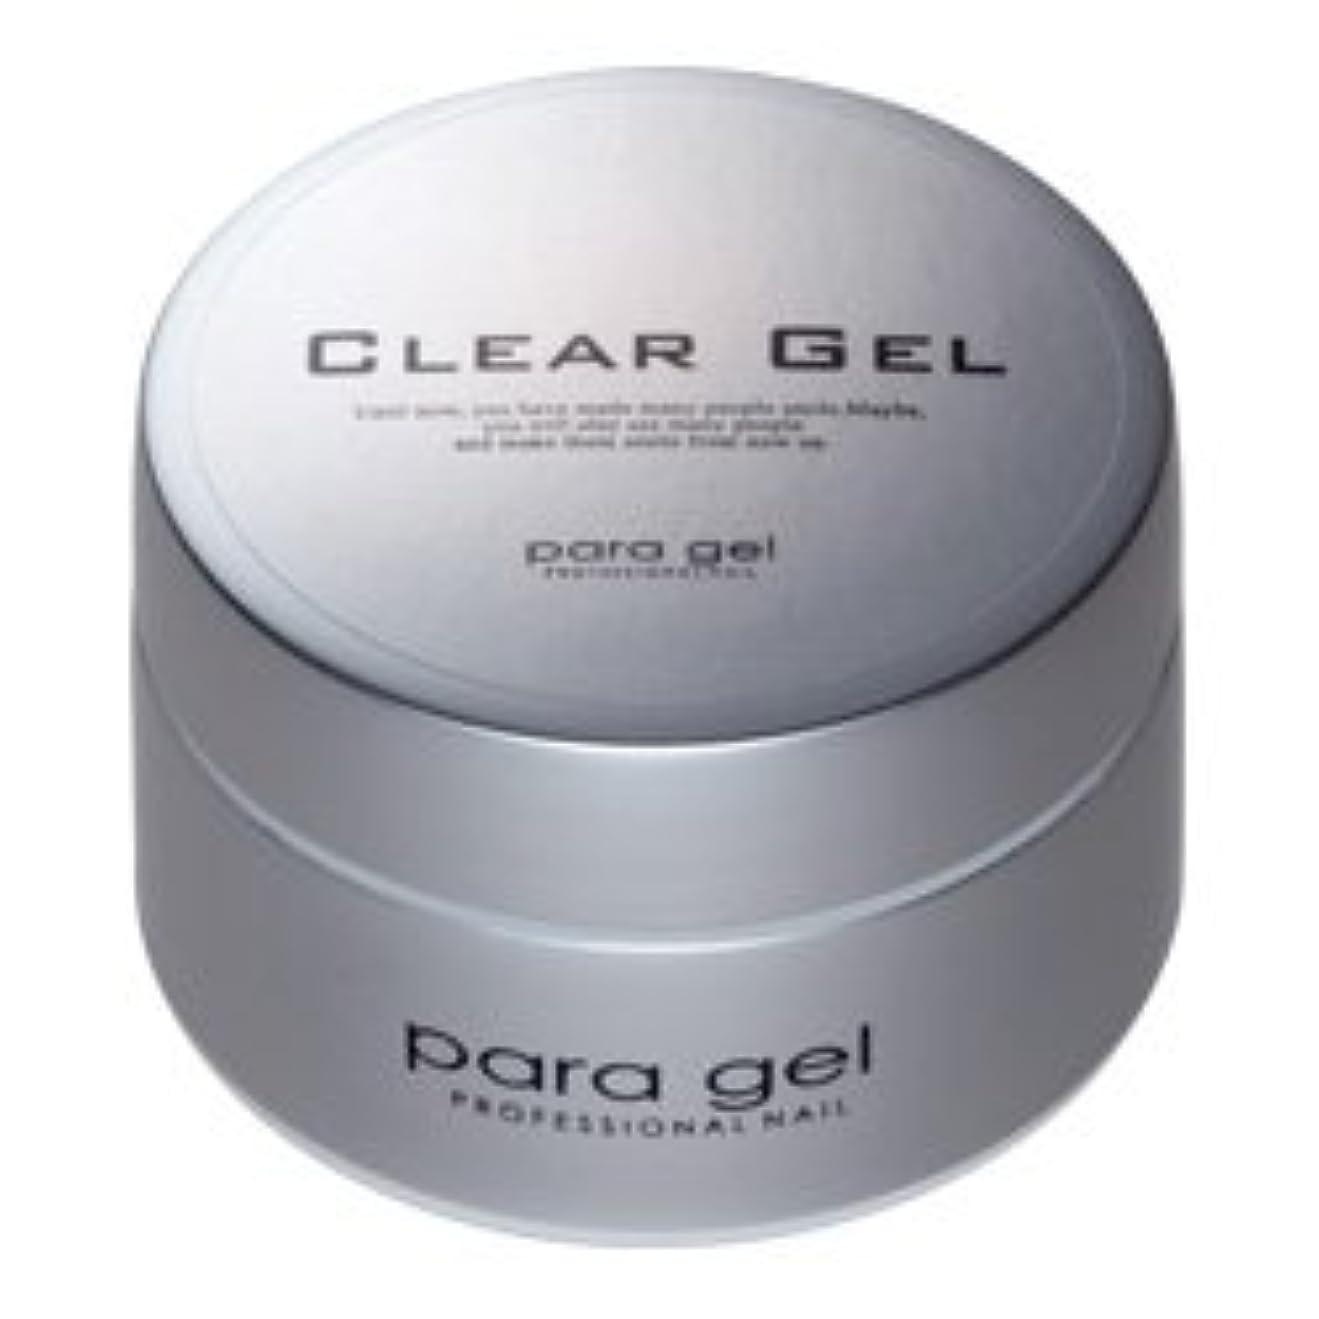 クローゼット更新する応答★para gel(パラジェル) <BR>クリアジェル 10g